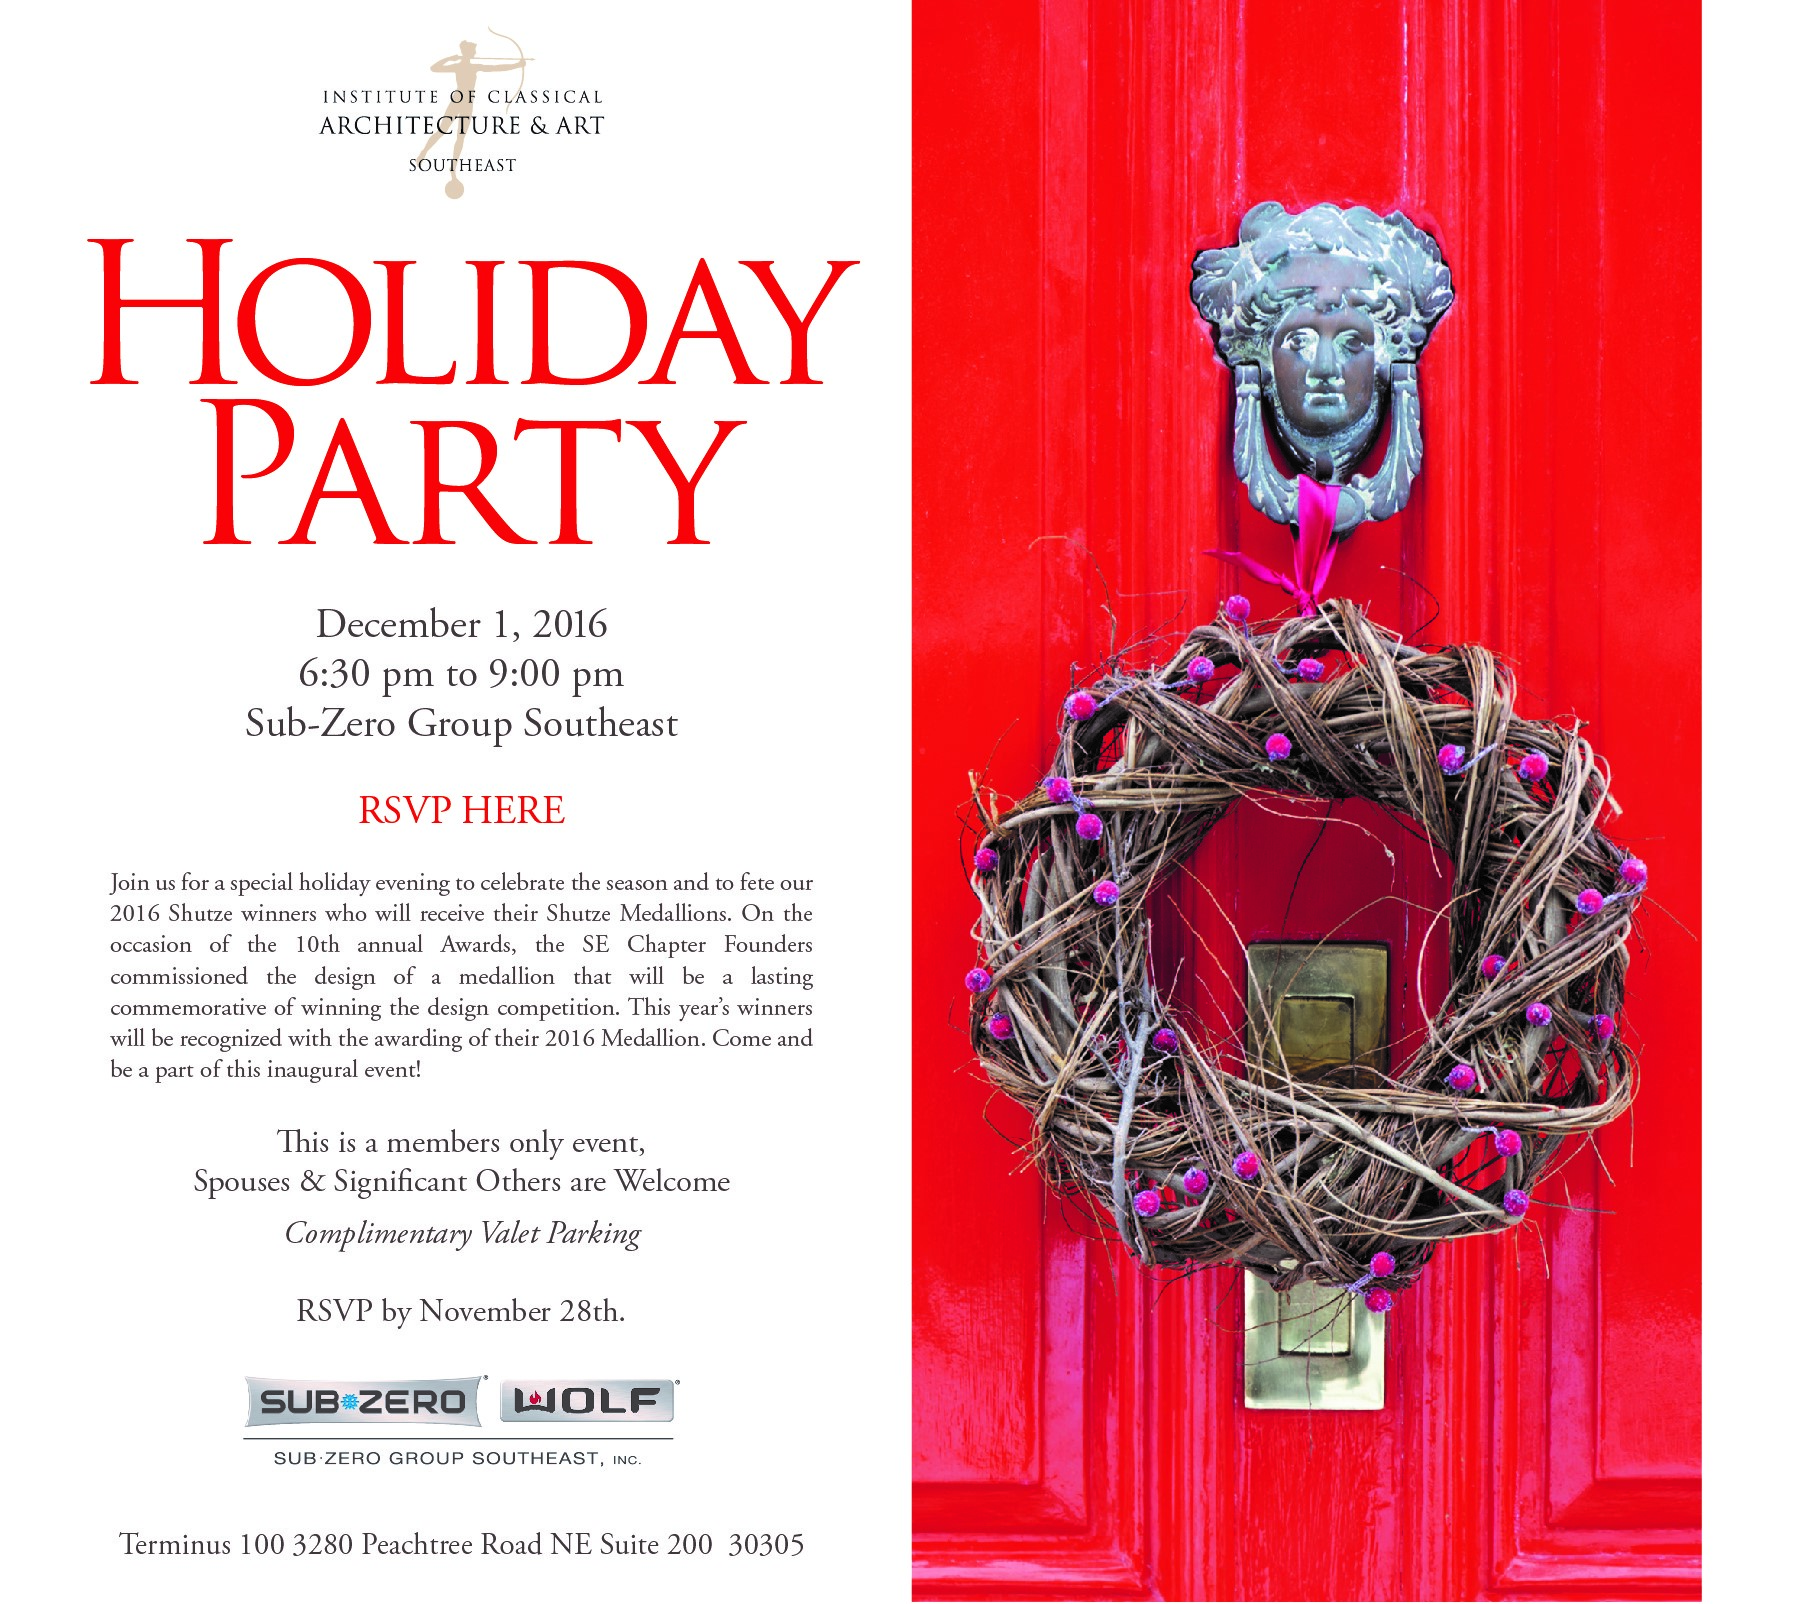 2016 holiday party invitation